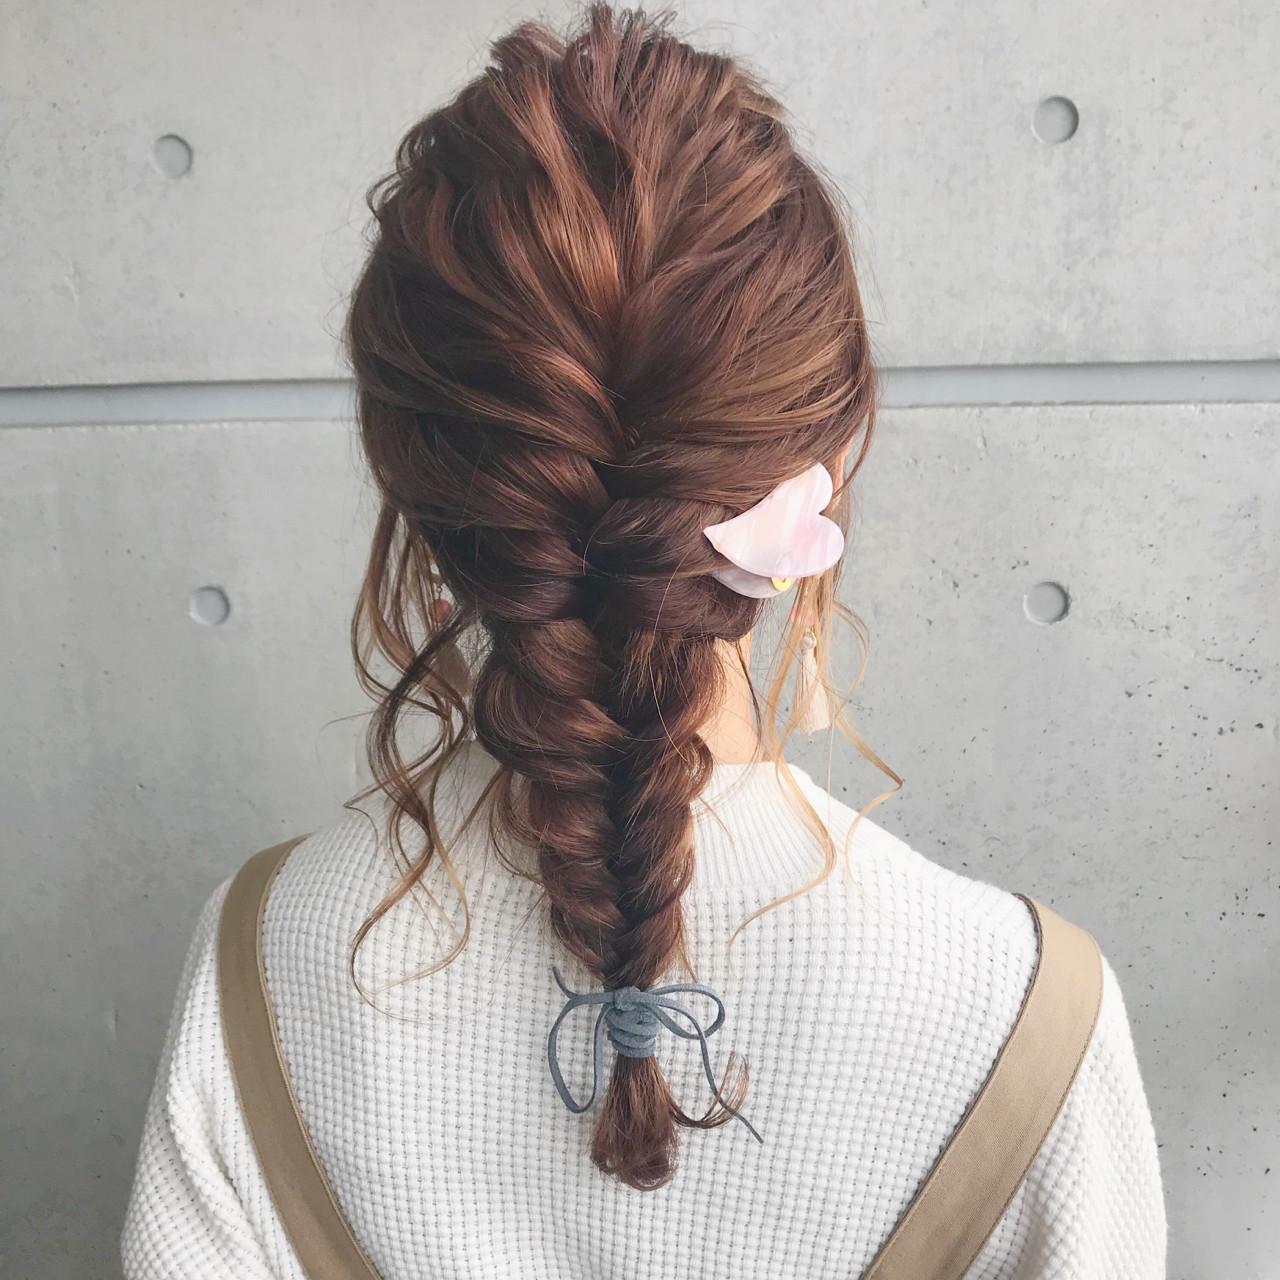 ヘアアレンジ ミディアム 結婚式 簡単ヘアアレンジ ヘアスタイルや髪型の写真・画像 | hironao murakami / Eight渋谷本店